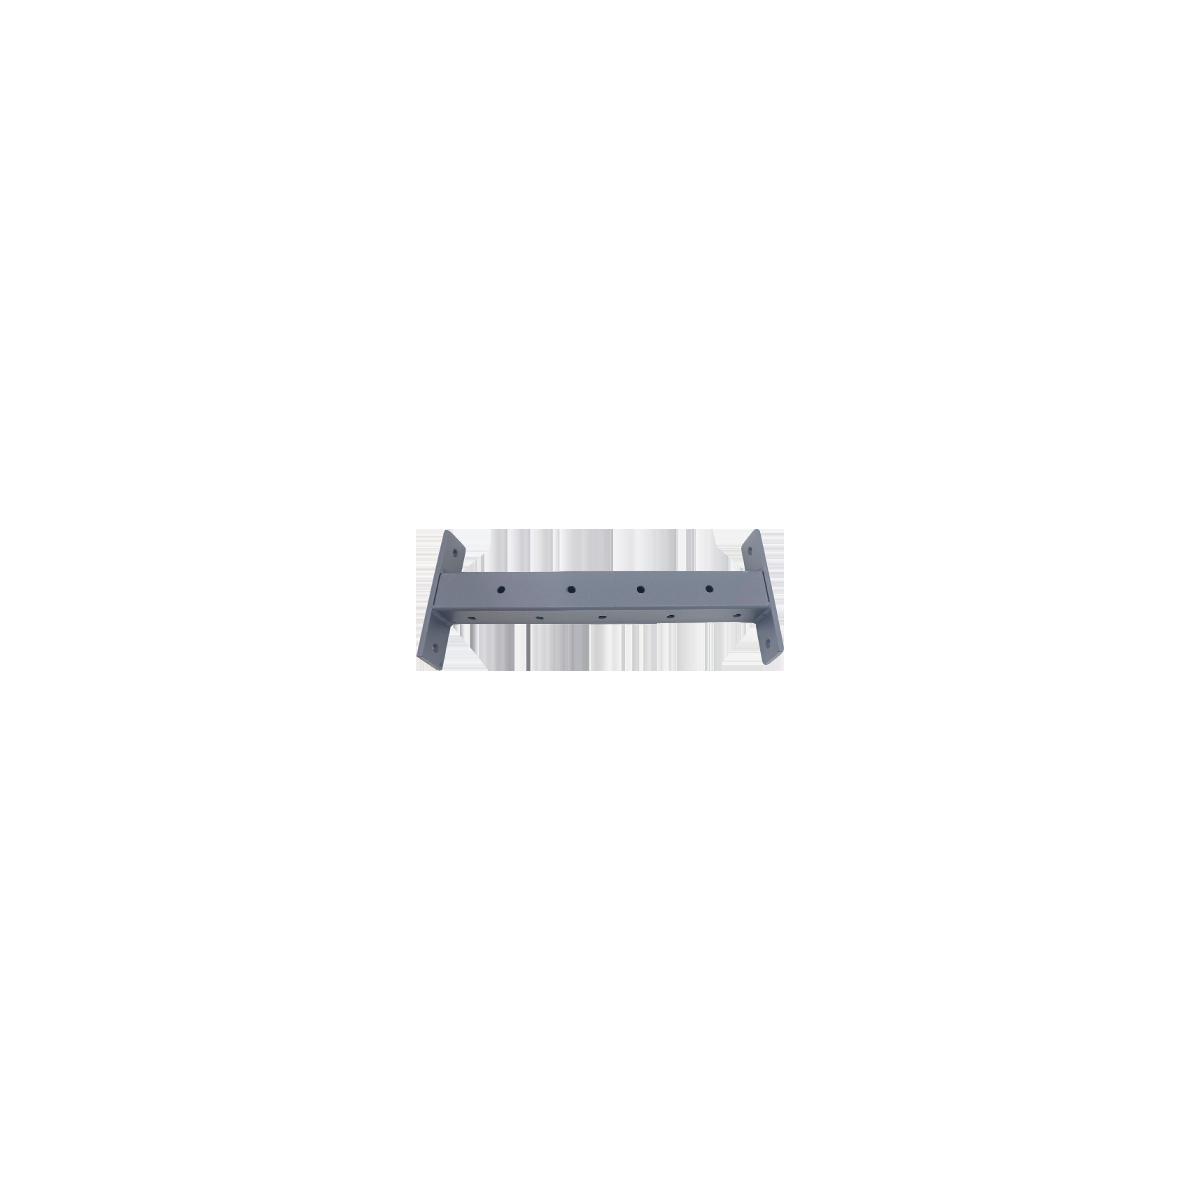 Οριζόντιος Δοκός Σύνδεσης 60x60x3 x510mm με λάμα